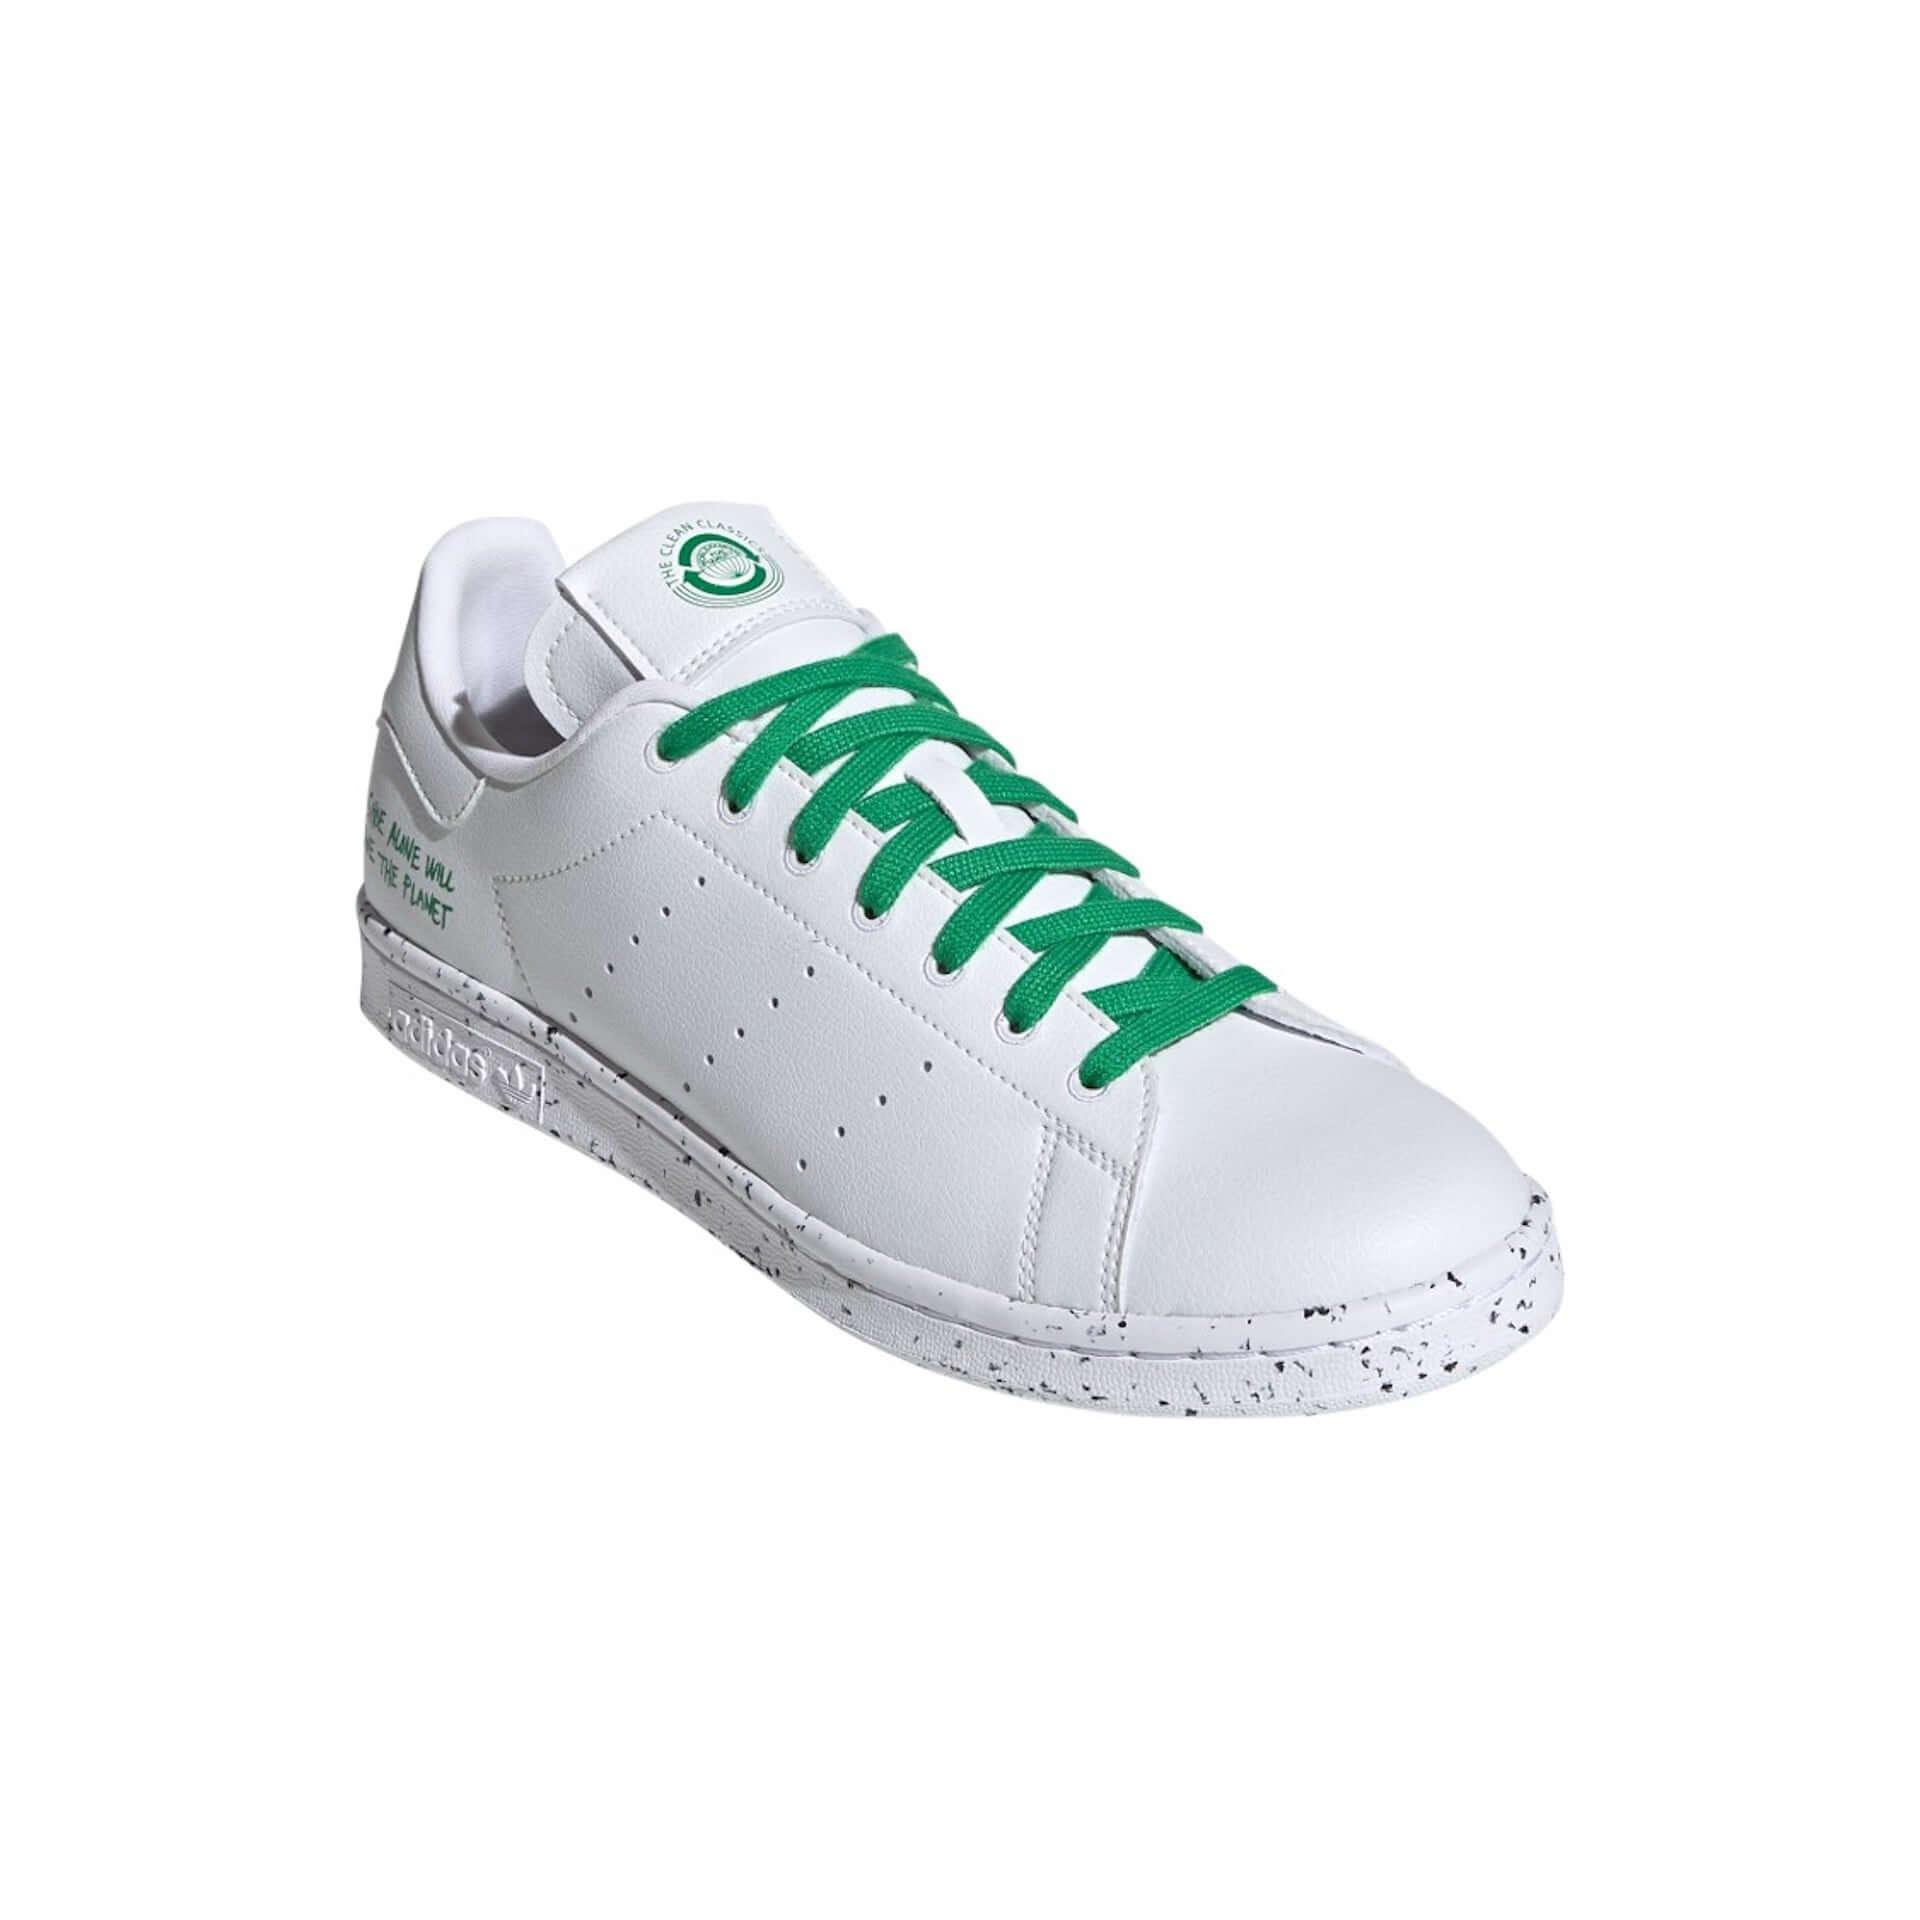 adidas Originalsがサステナブルなフットウェアコレクション「Clean Classics」を発売!名作「SUPERSTAR」「STAN SMITH」も登場 lf200804_adidas-cleanclassics_9-1920x1920